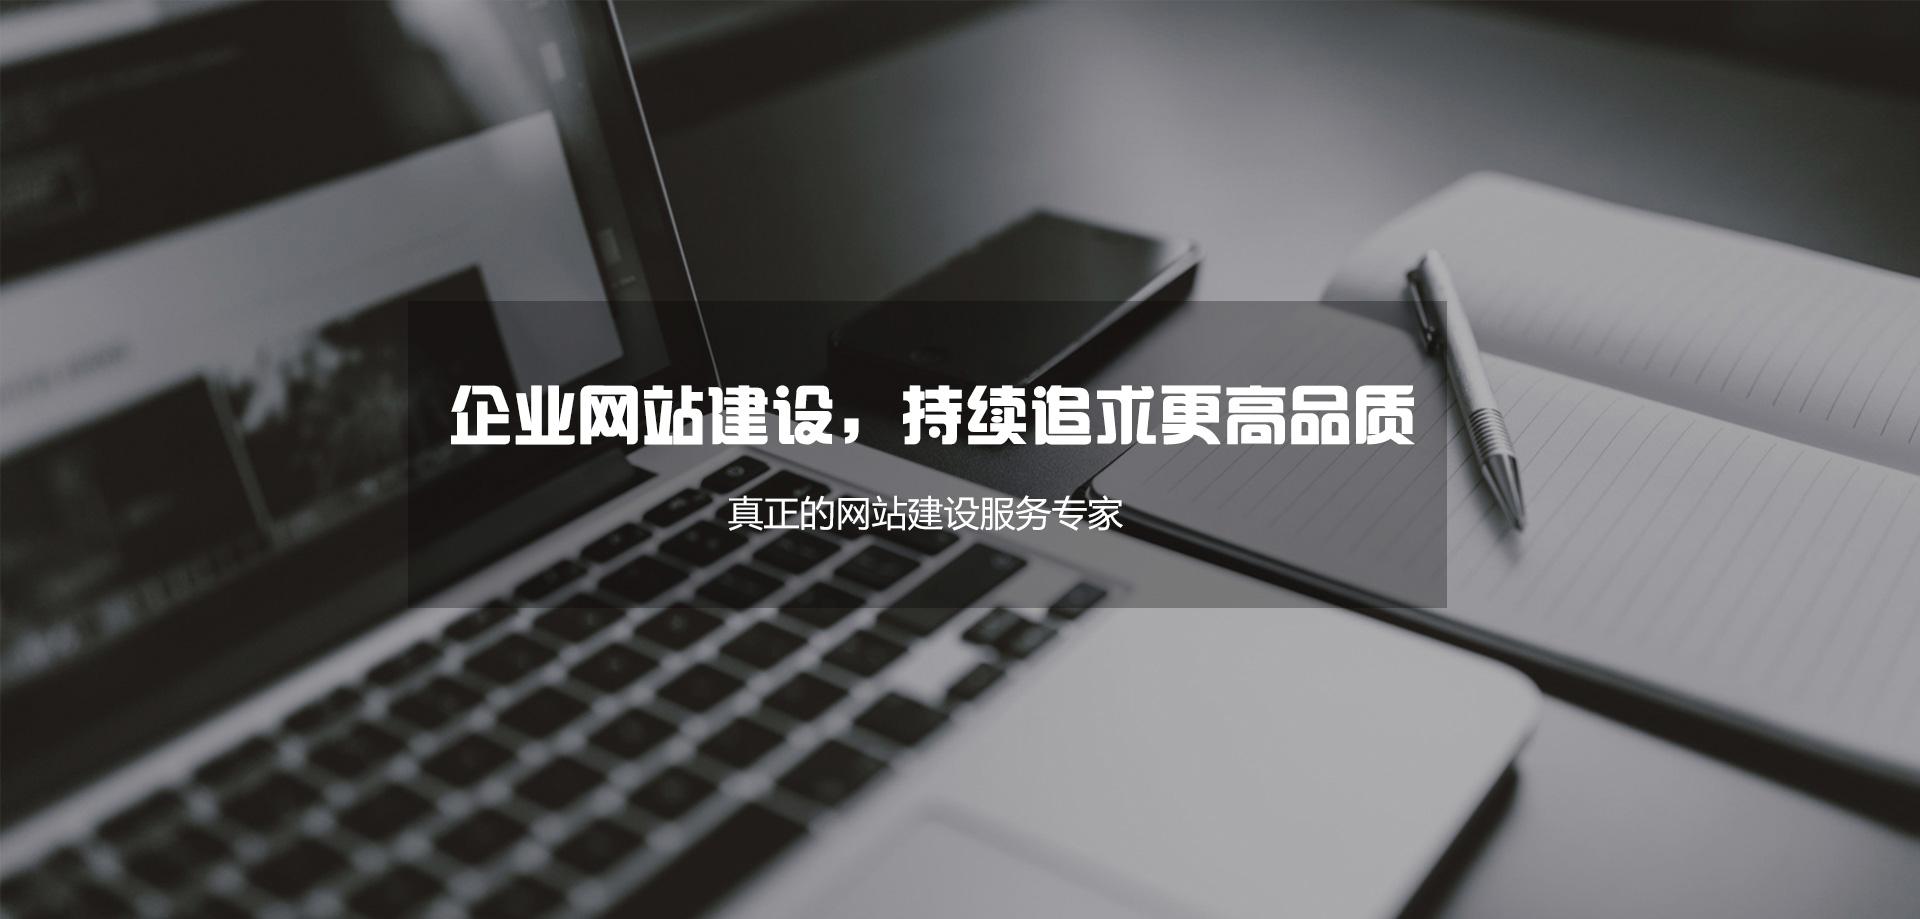 企业网站建设,持续追求更高品质